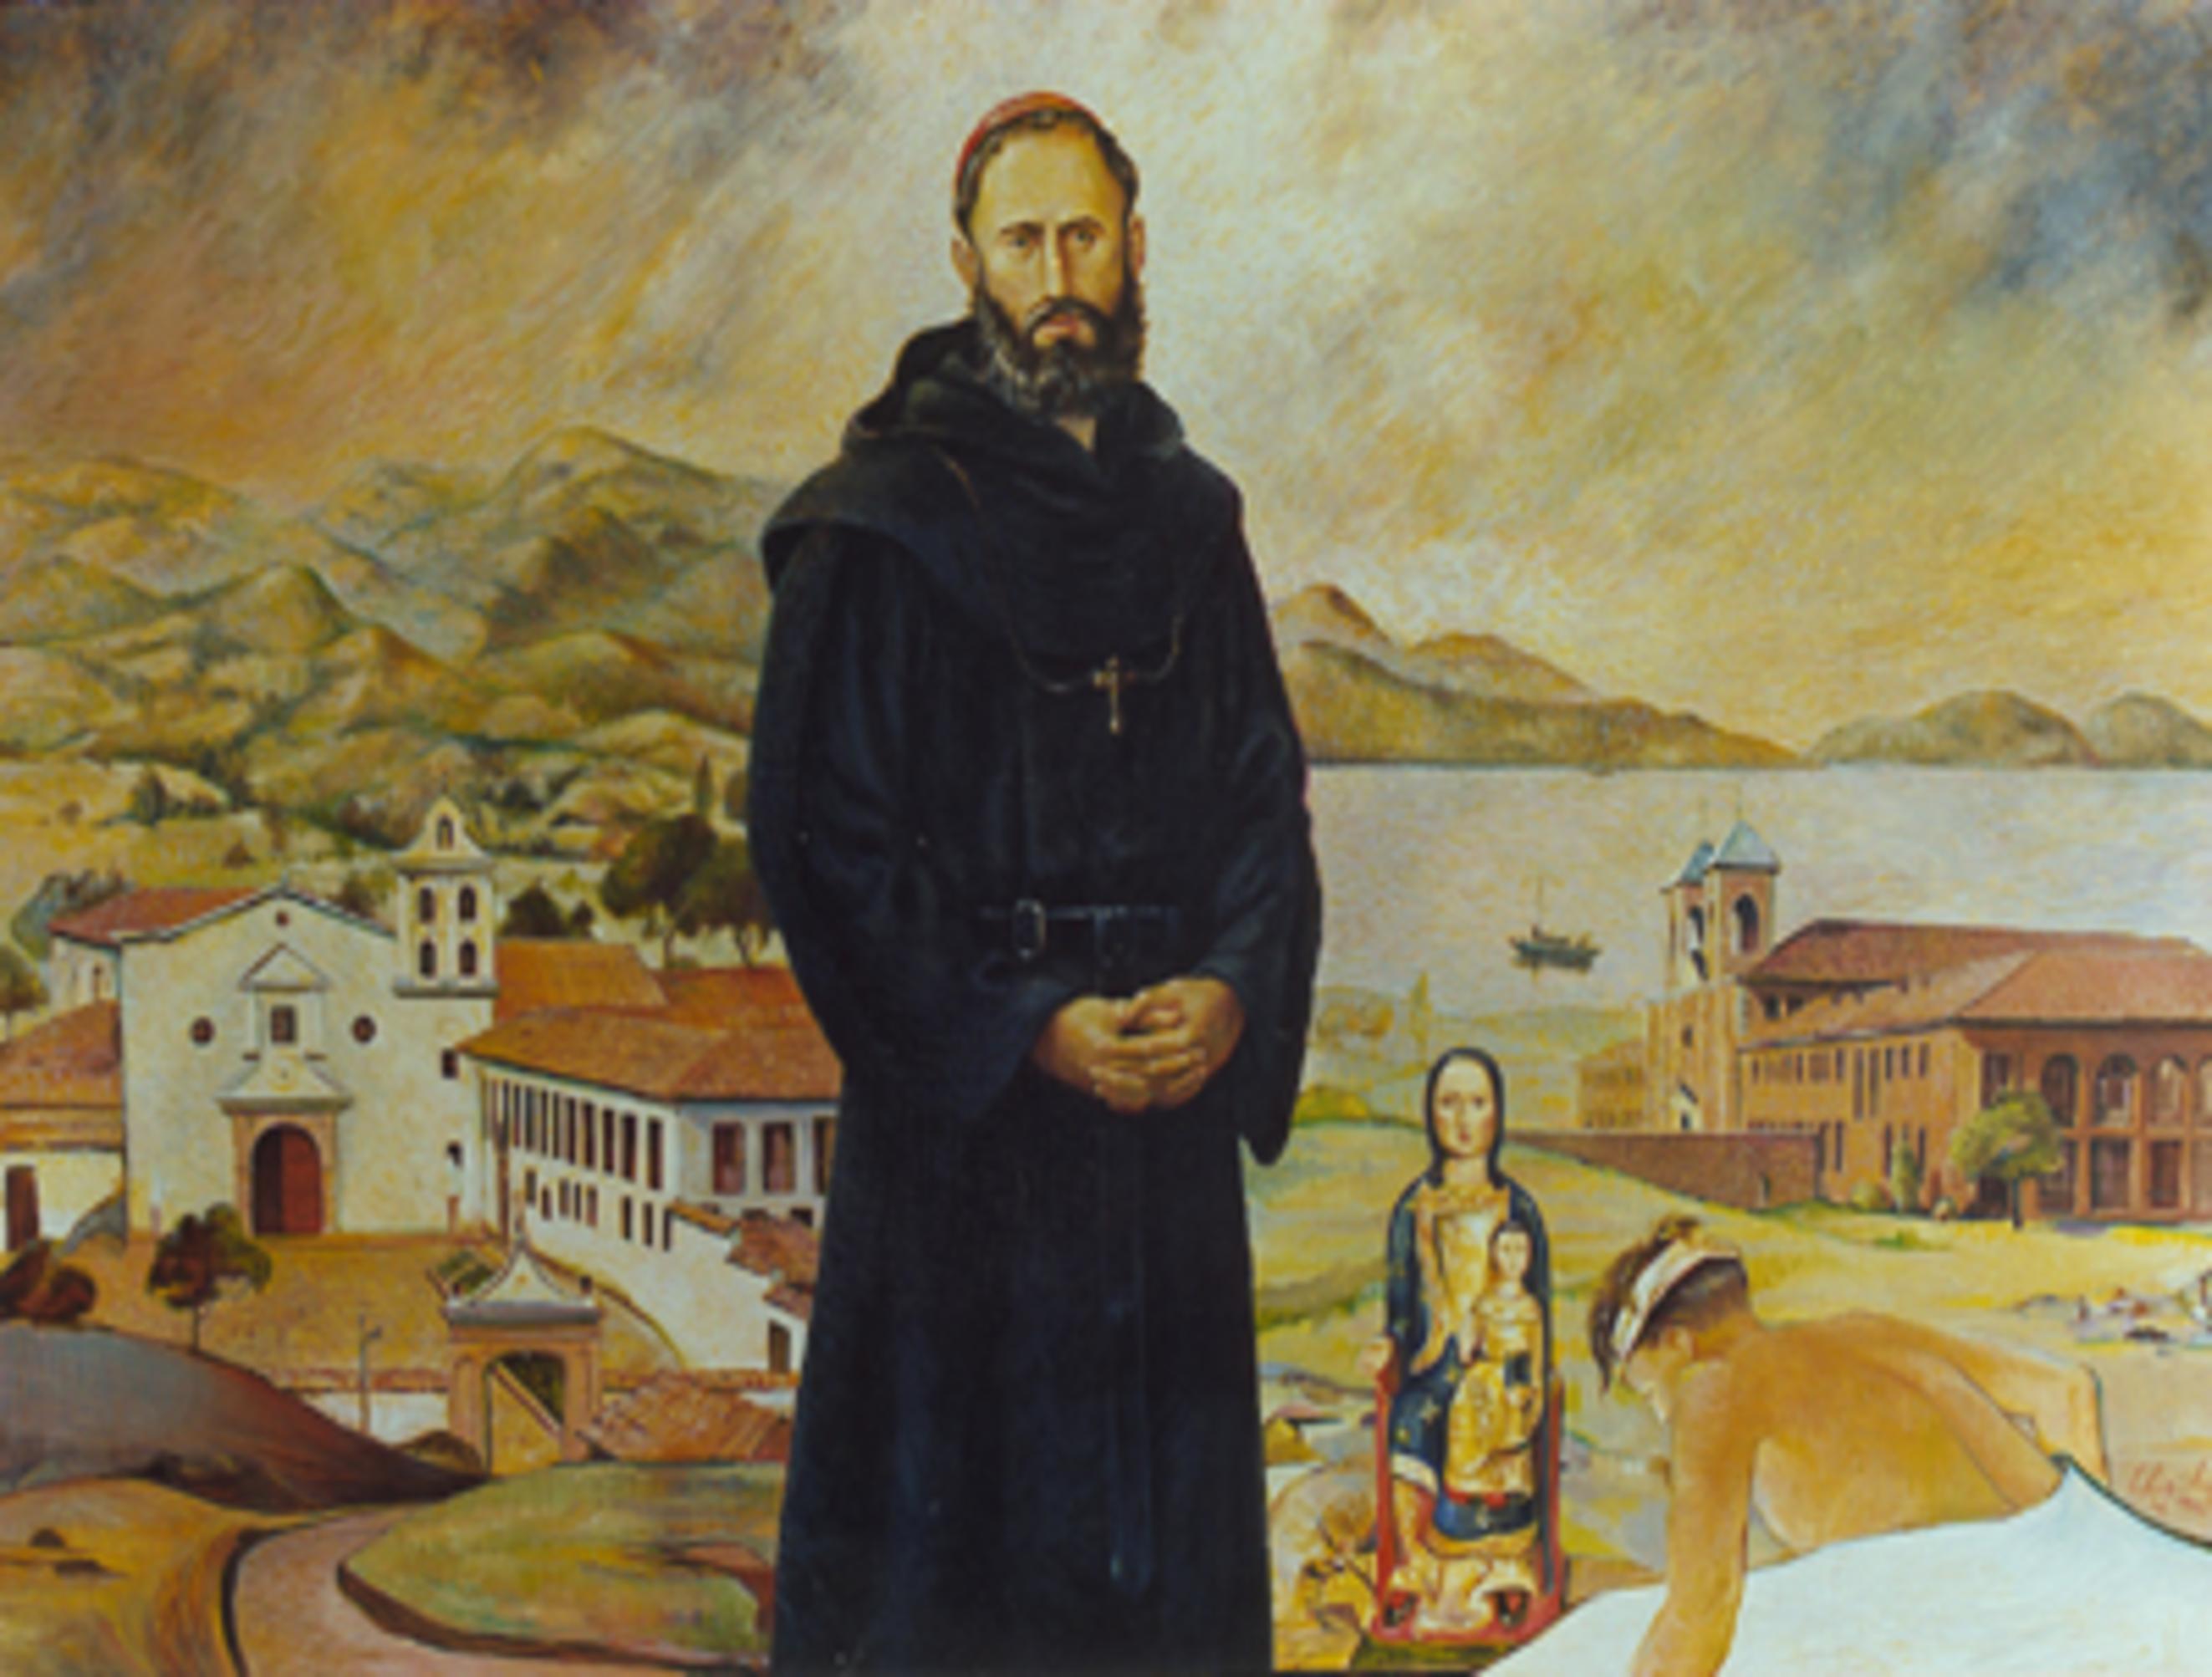 San Ezequiel Moreno Díaz